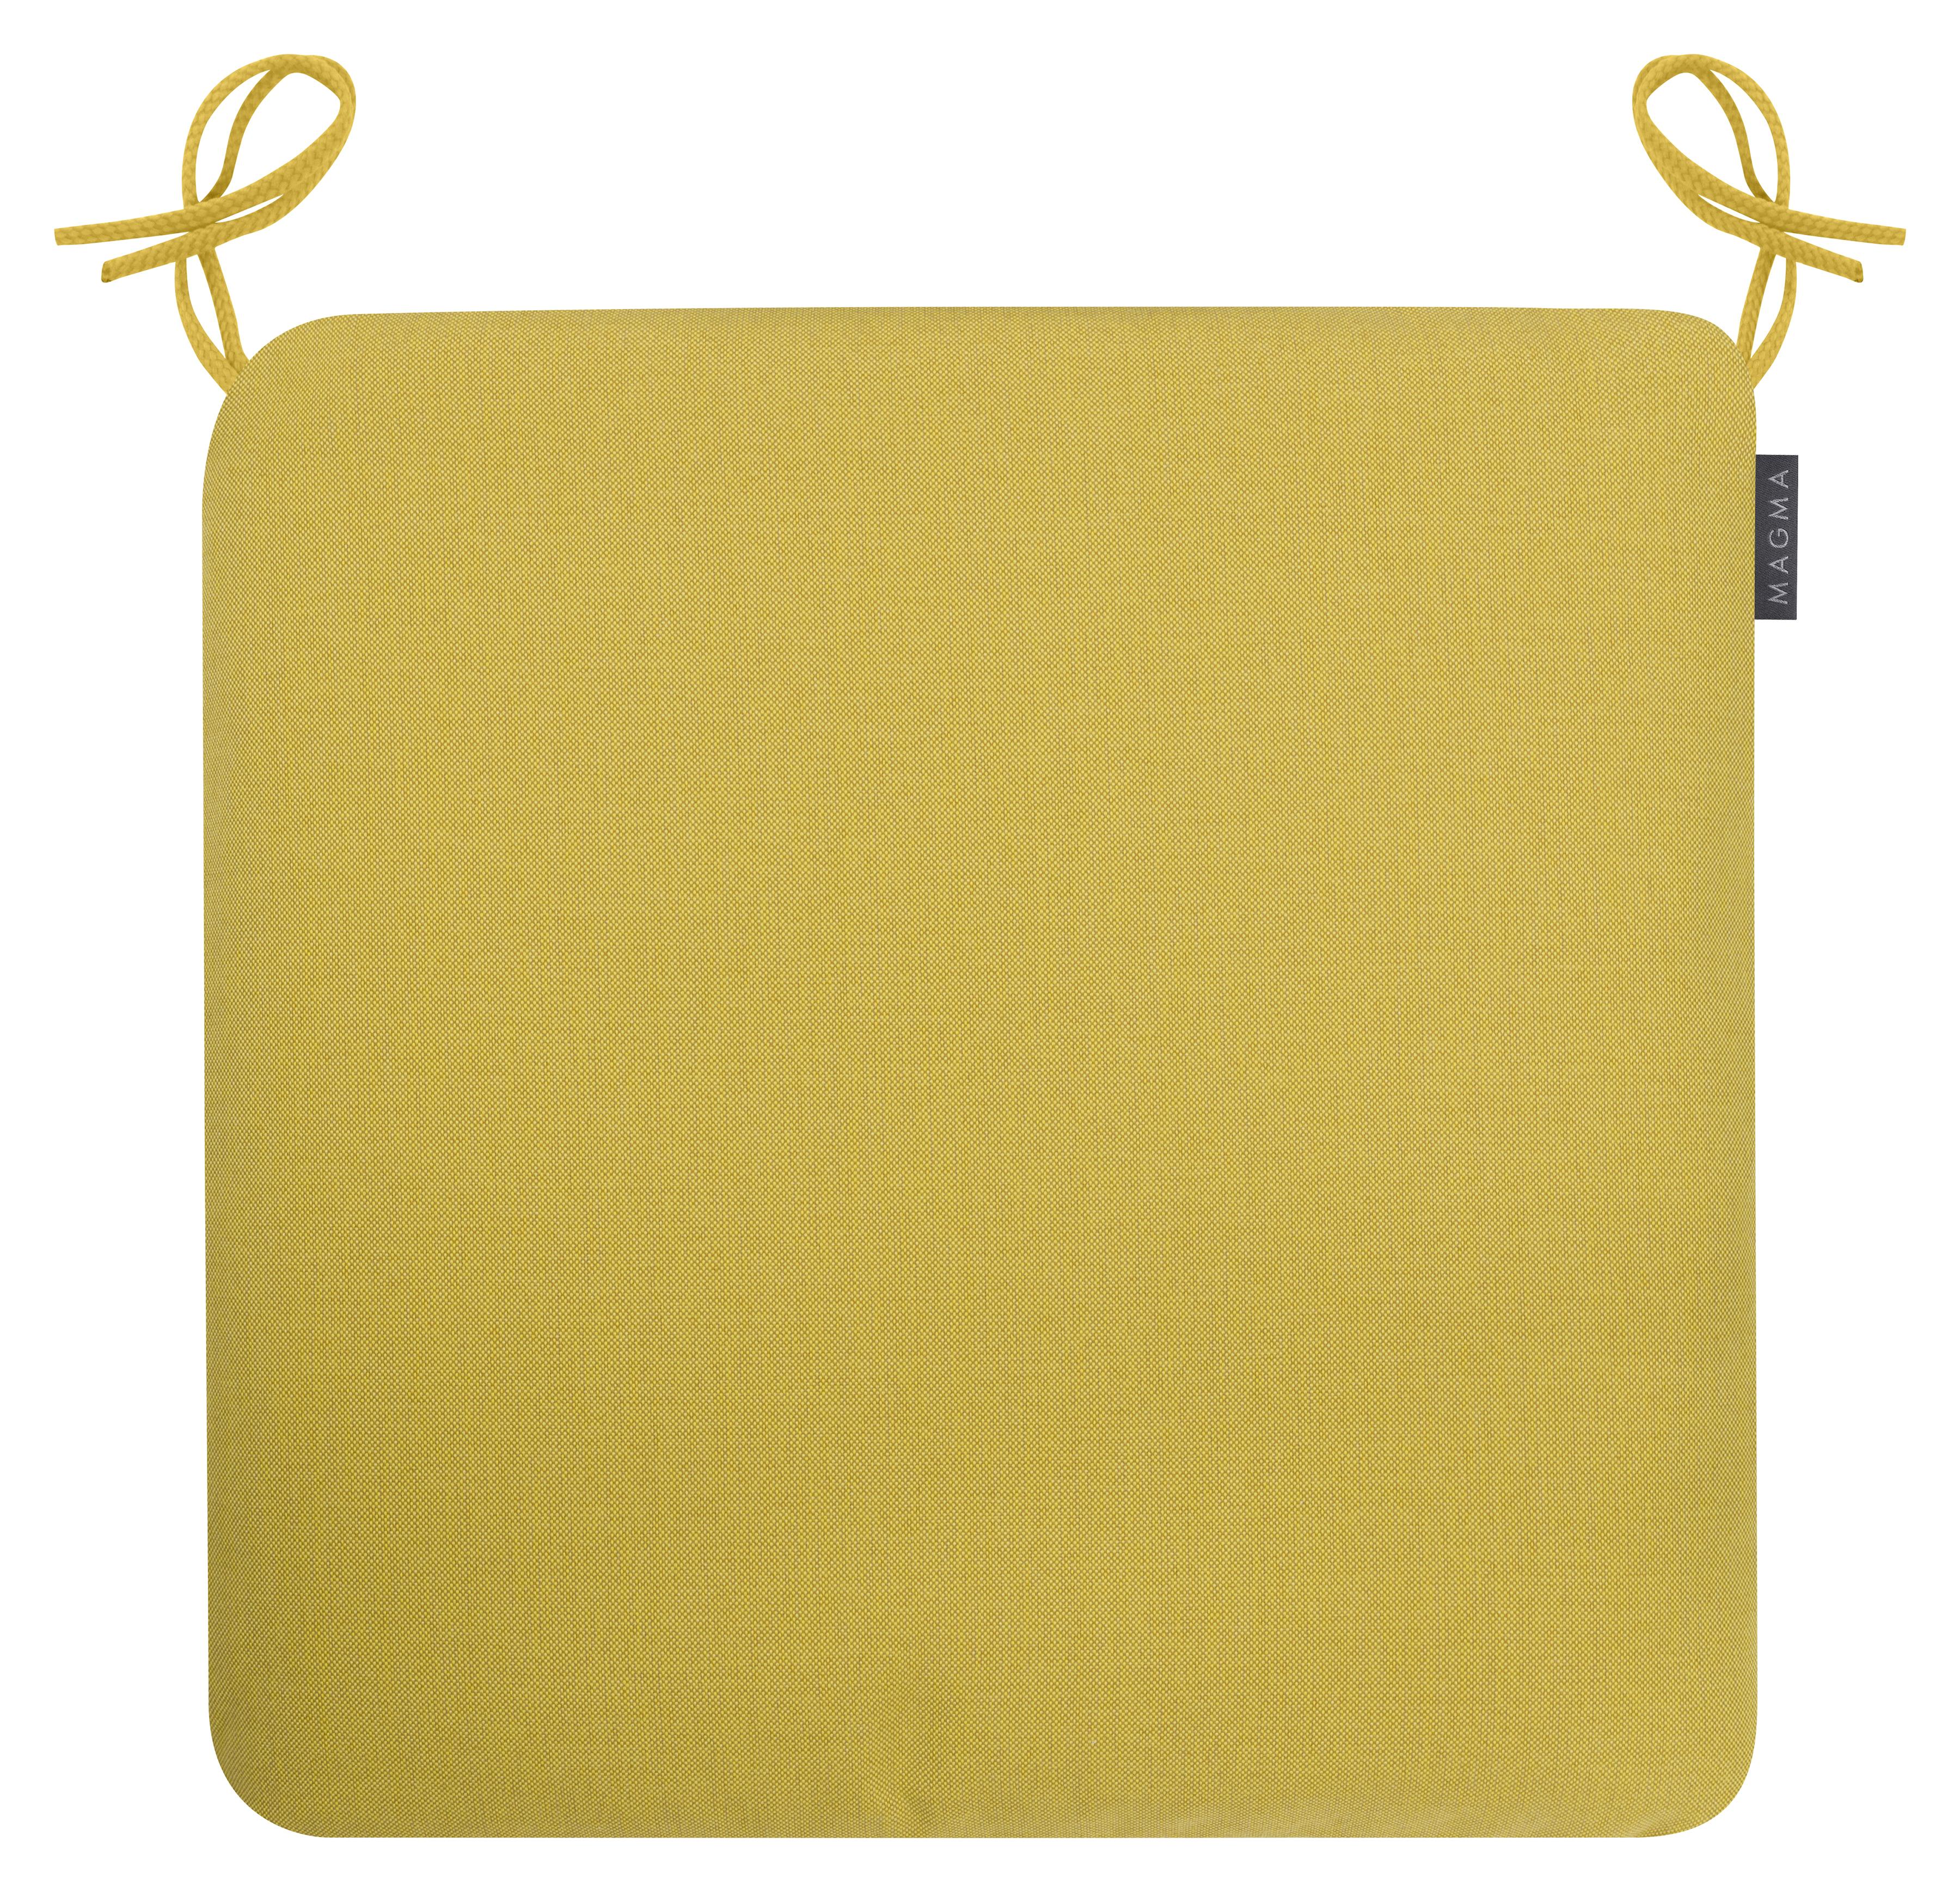 Galettes de chaises confort outdoor à nouer moutarde Lot de 4 - 44x44